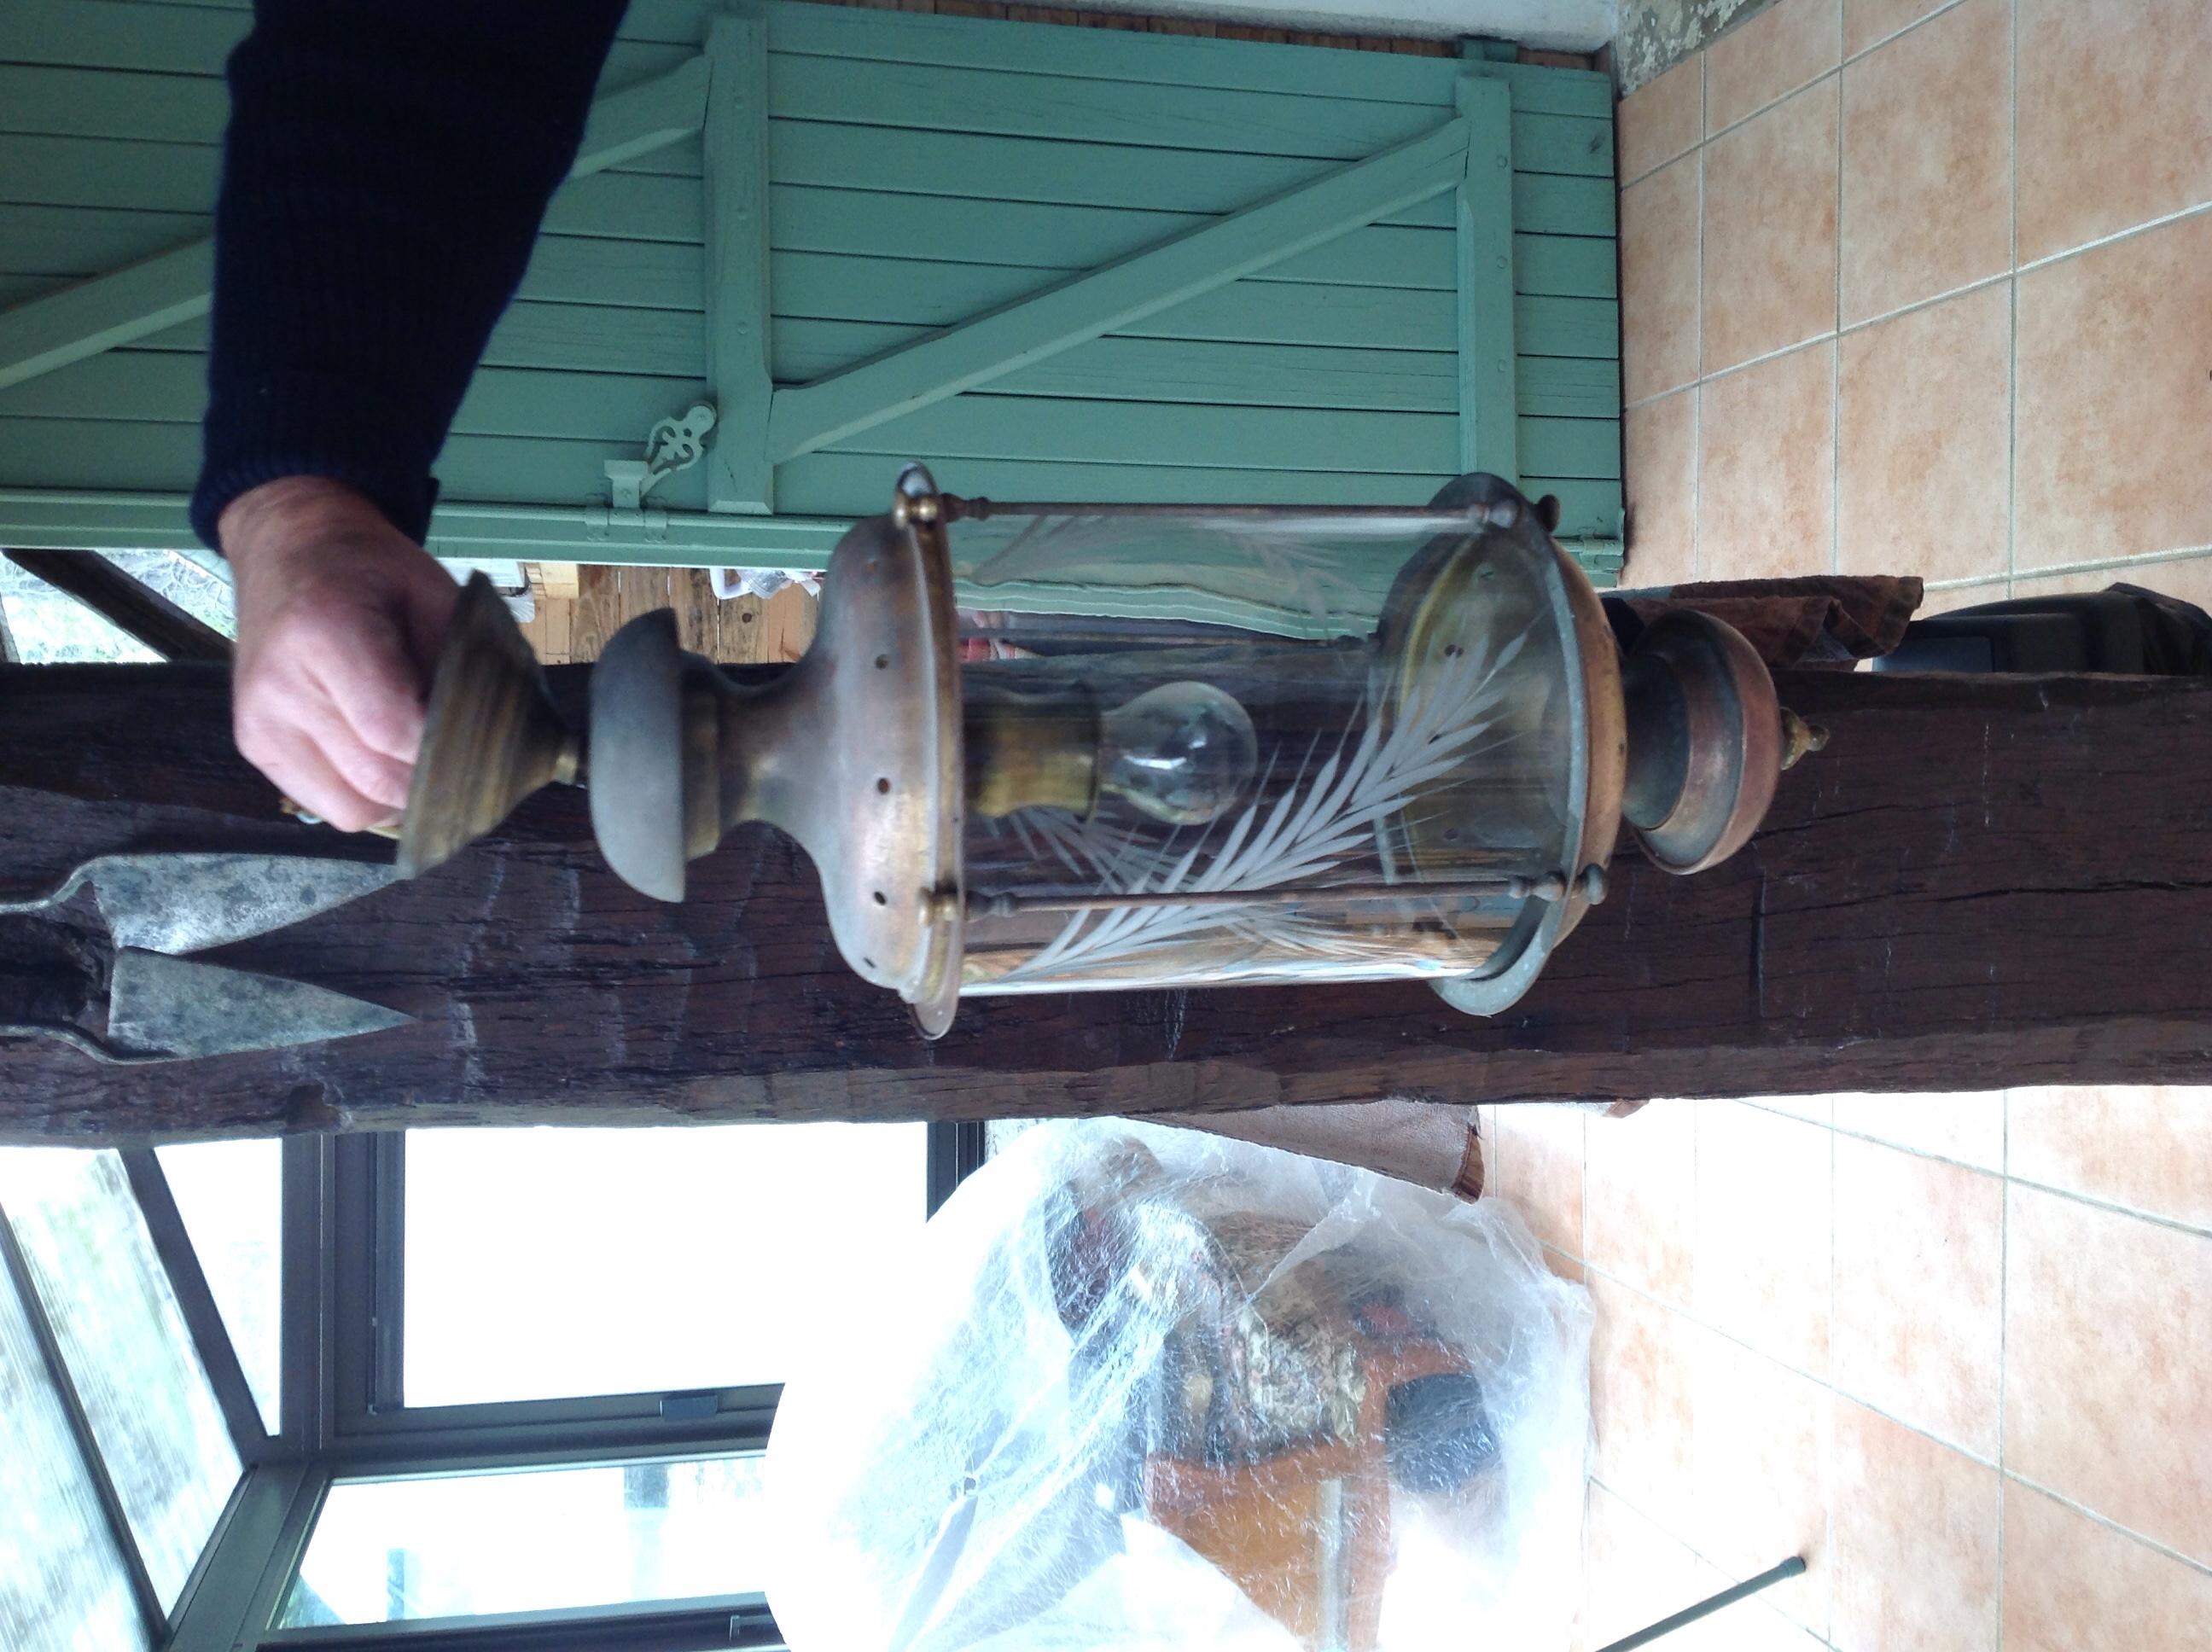 Lampe d'extérieur type orientale 30 Vœuil-et-Giget (16)